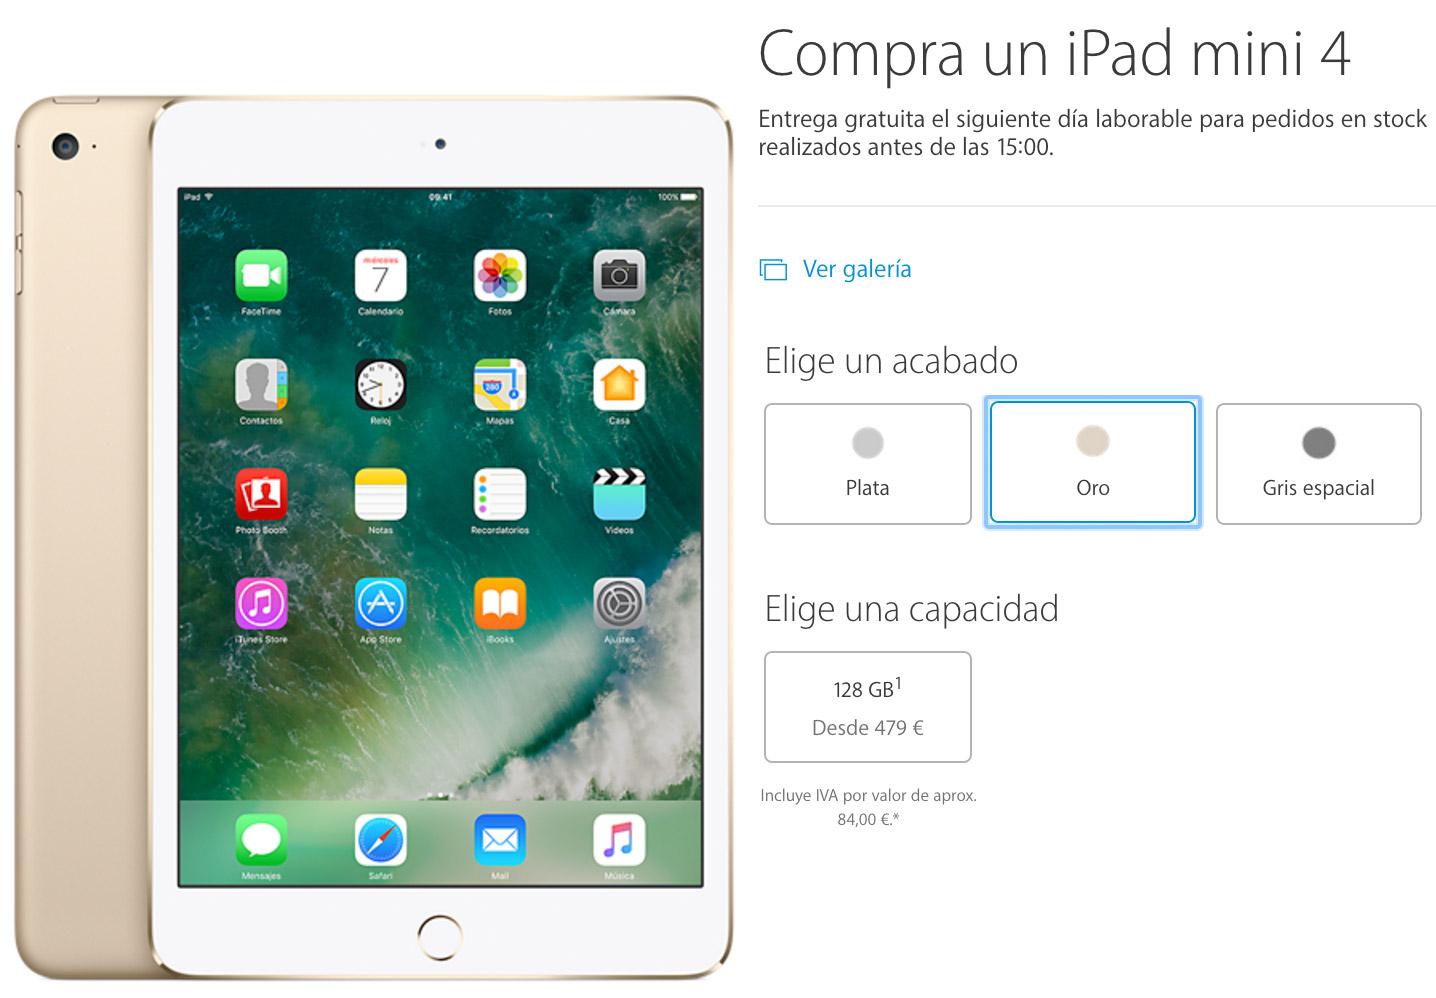 El iPad mini cuatro dobla su capacidad de almacenamiento